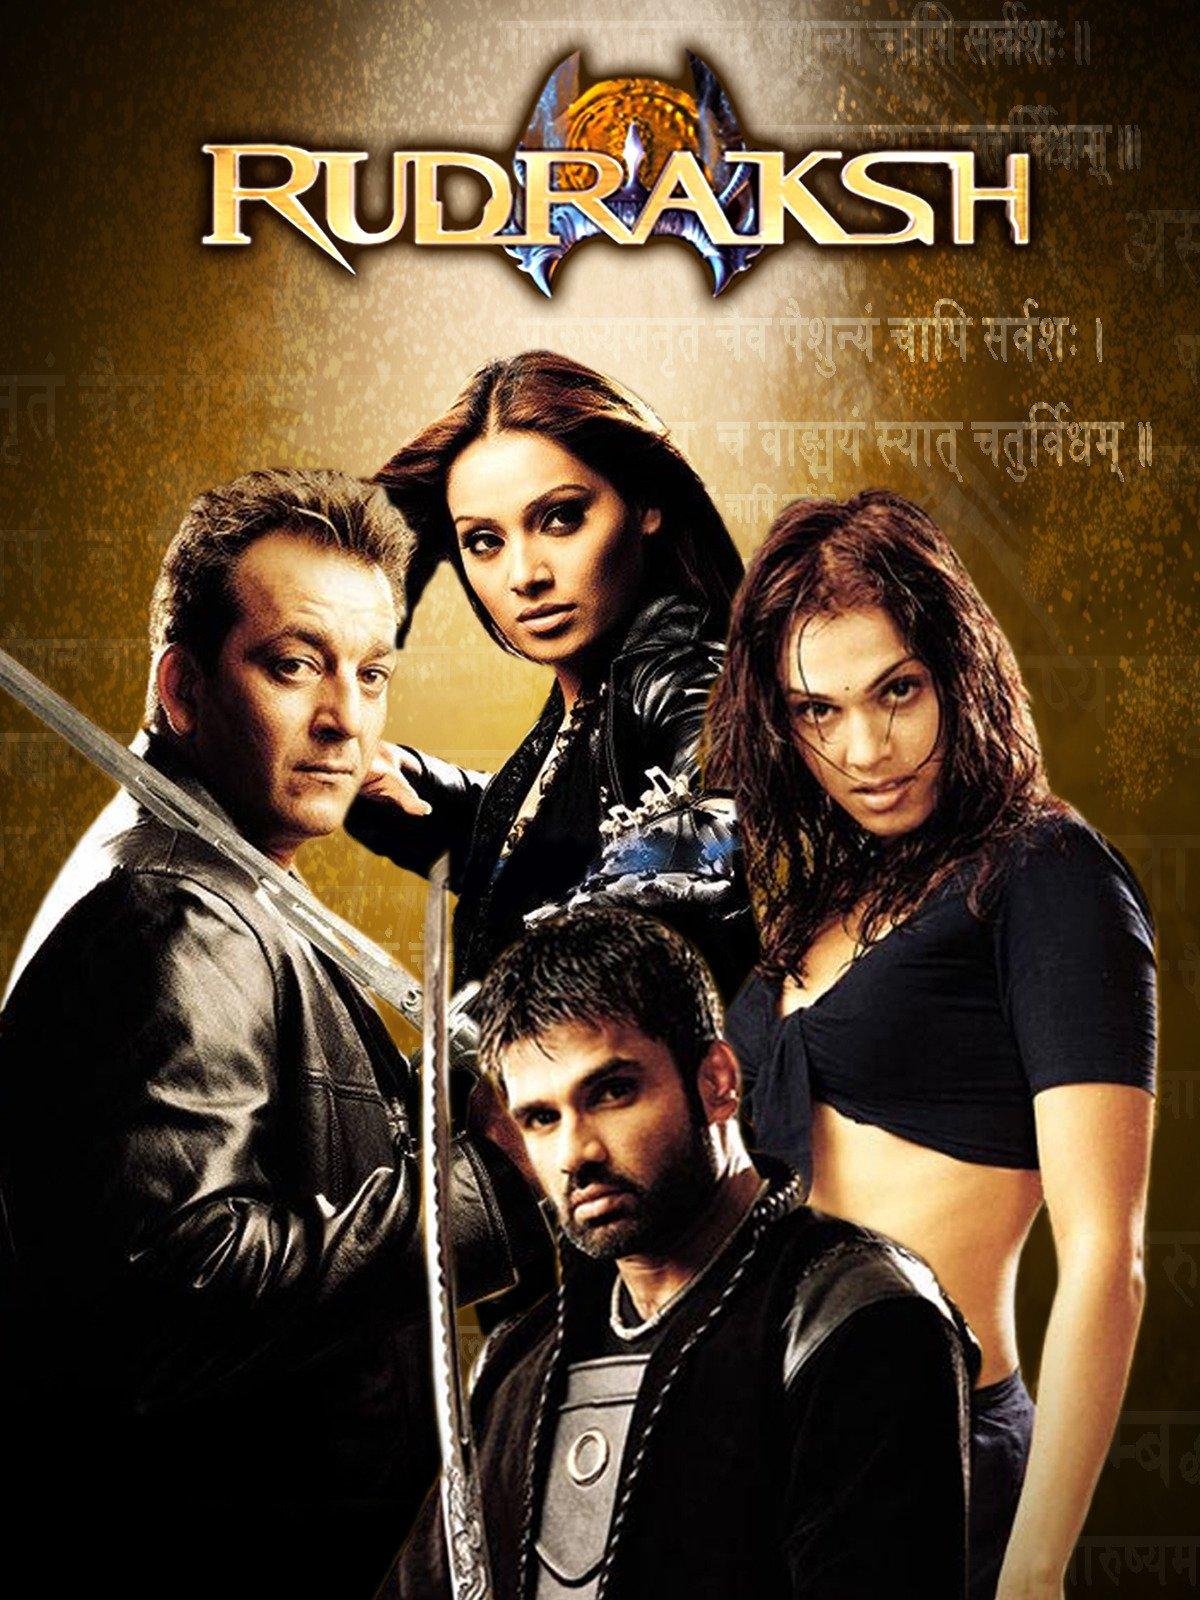 Rudraksh